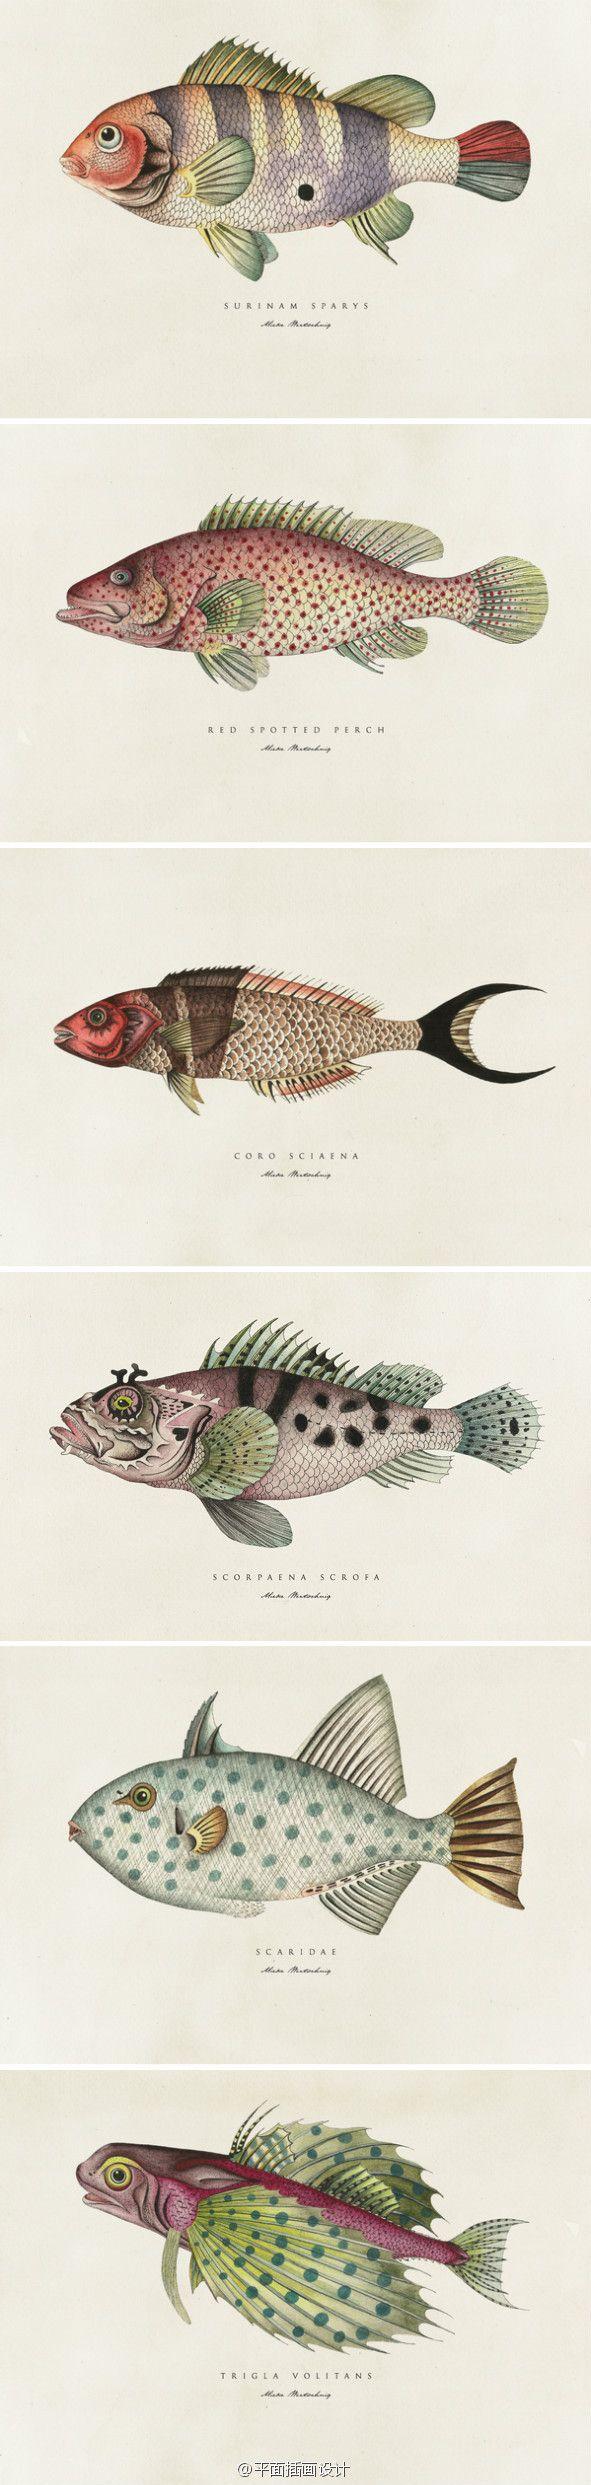 Fish Prints | Baleia | Pinterest | Fische, Illustration und Zeichnungen